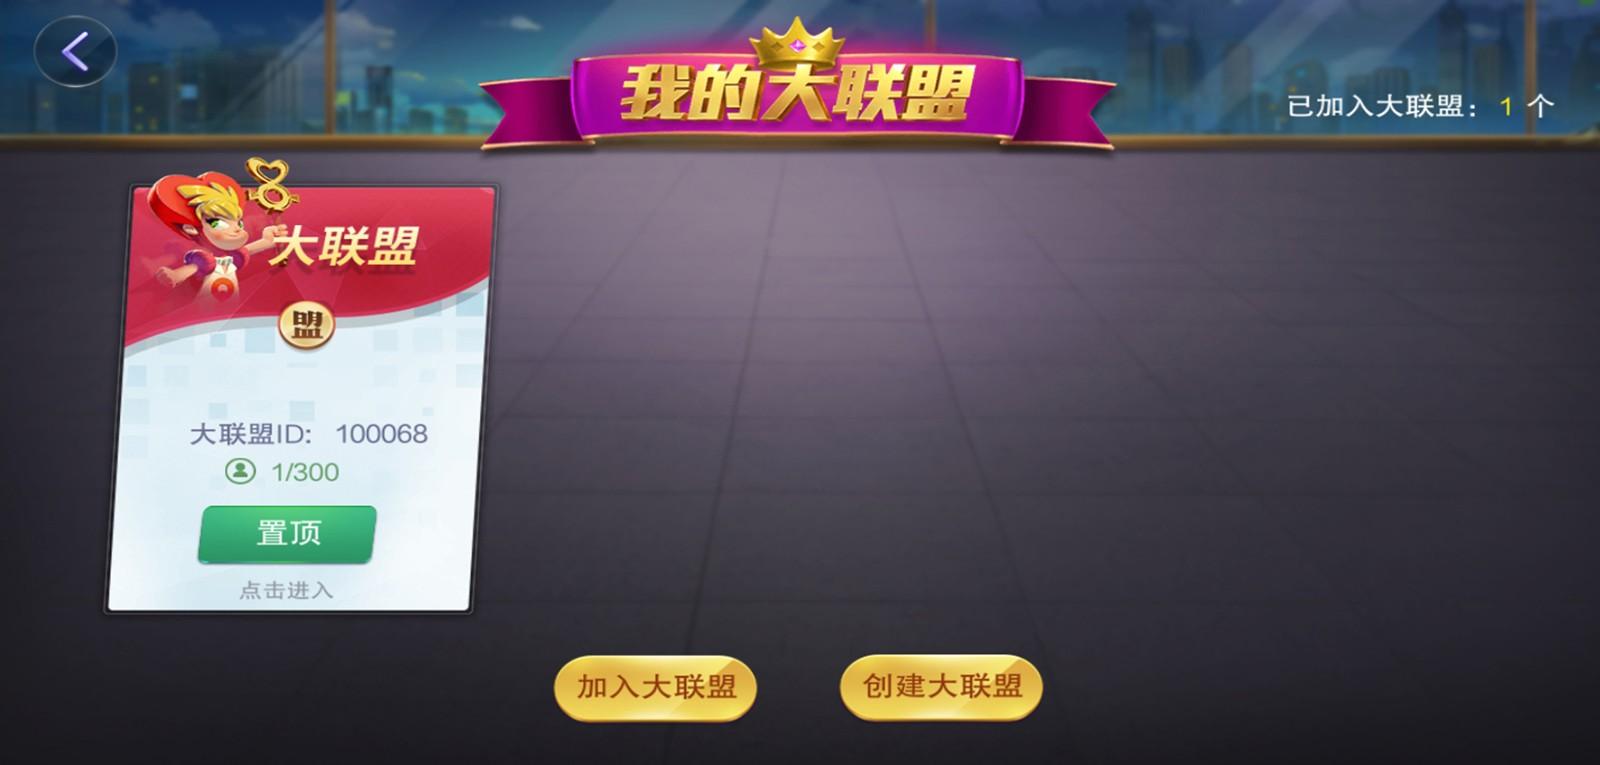 潮汕三公潮汇棋牌游戏源码房卡模式地方玩法+联盟俱乐部模式插图(3)